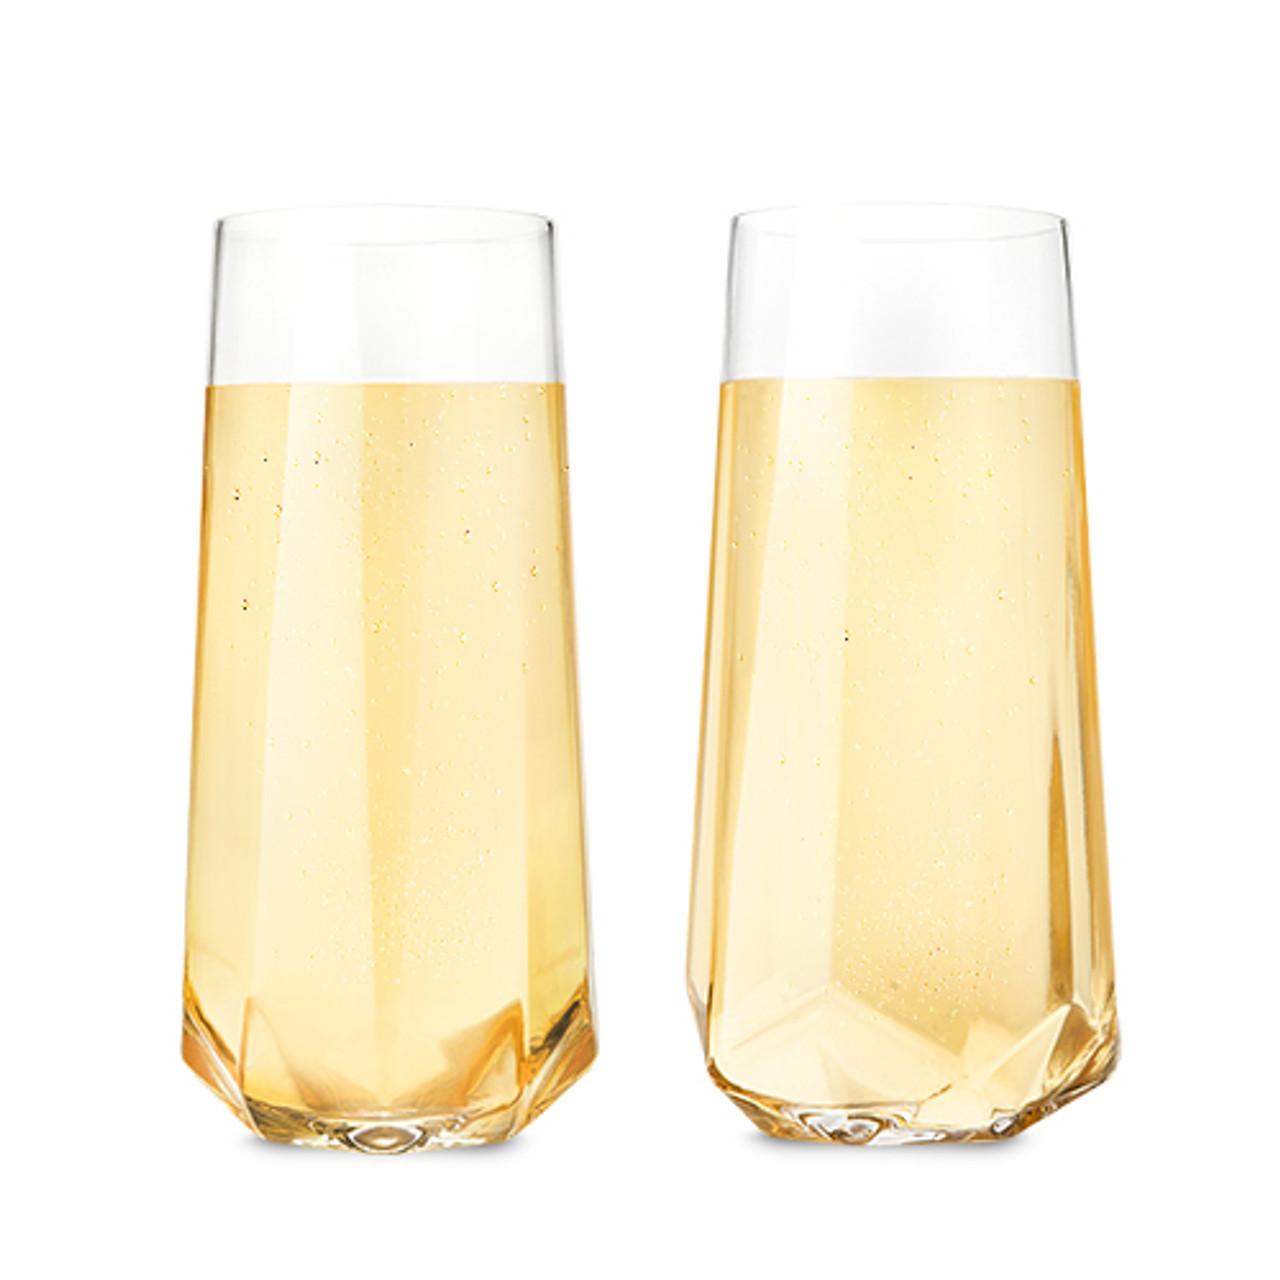   Wine Glass 101